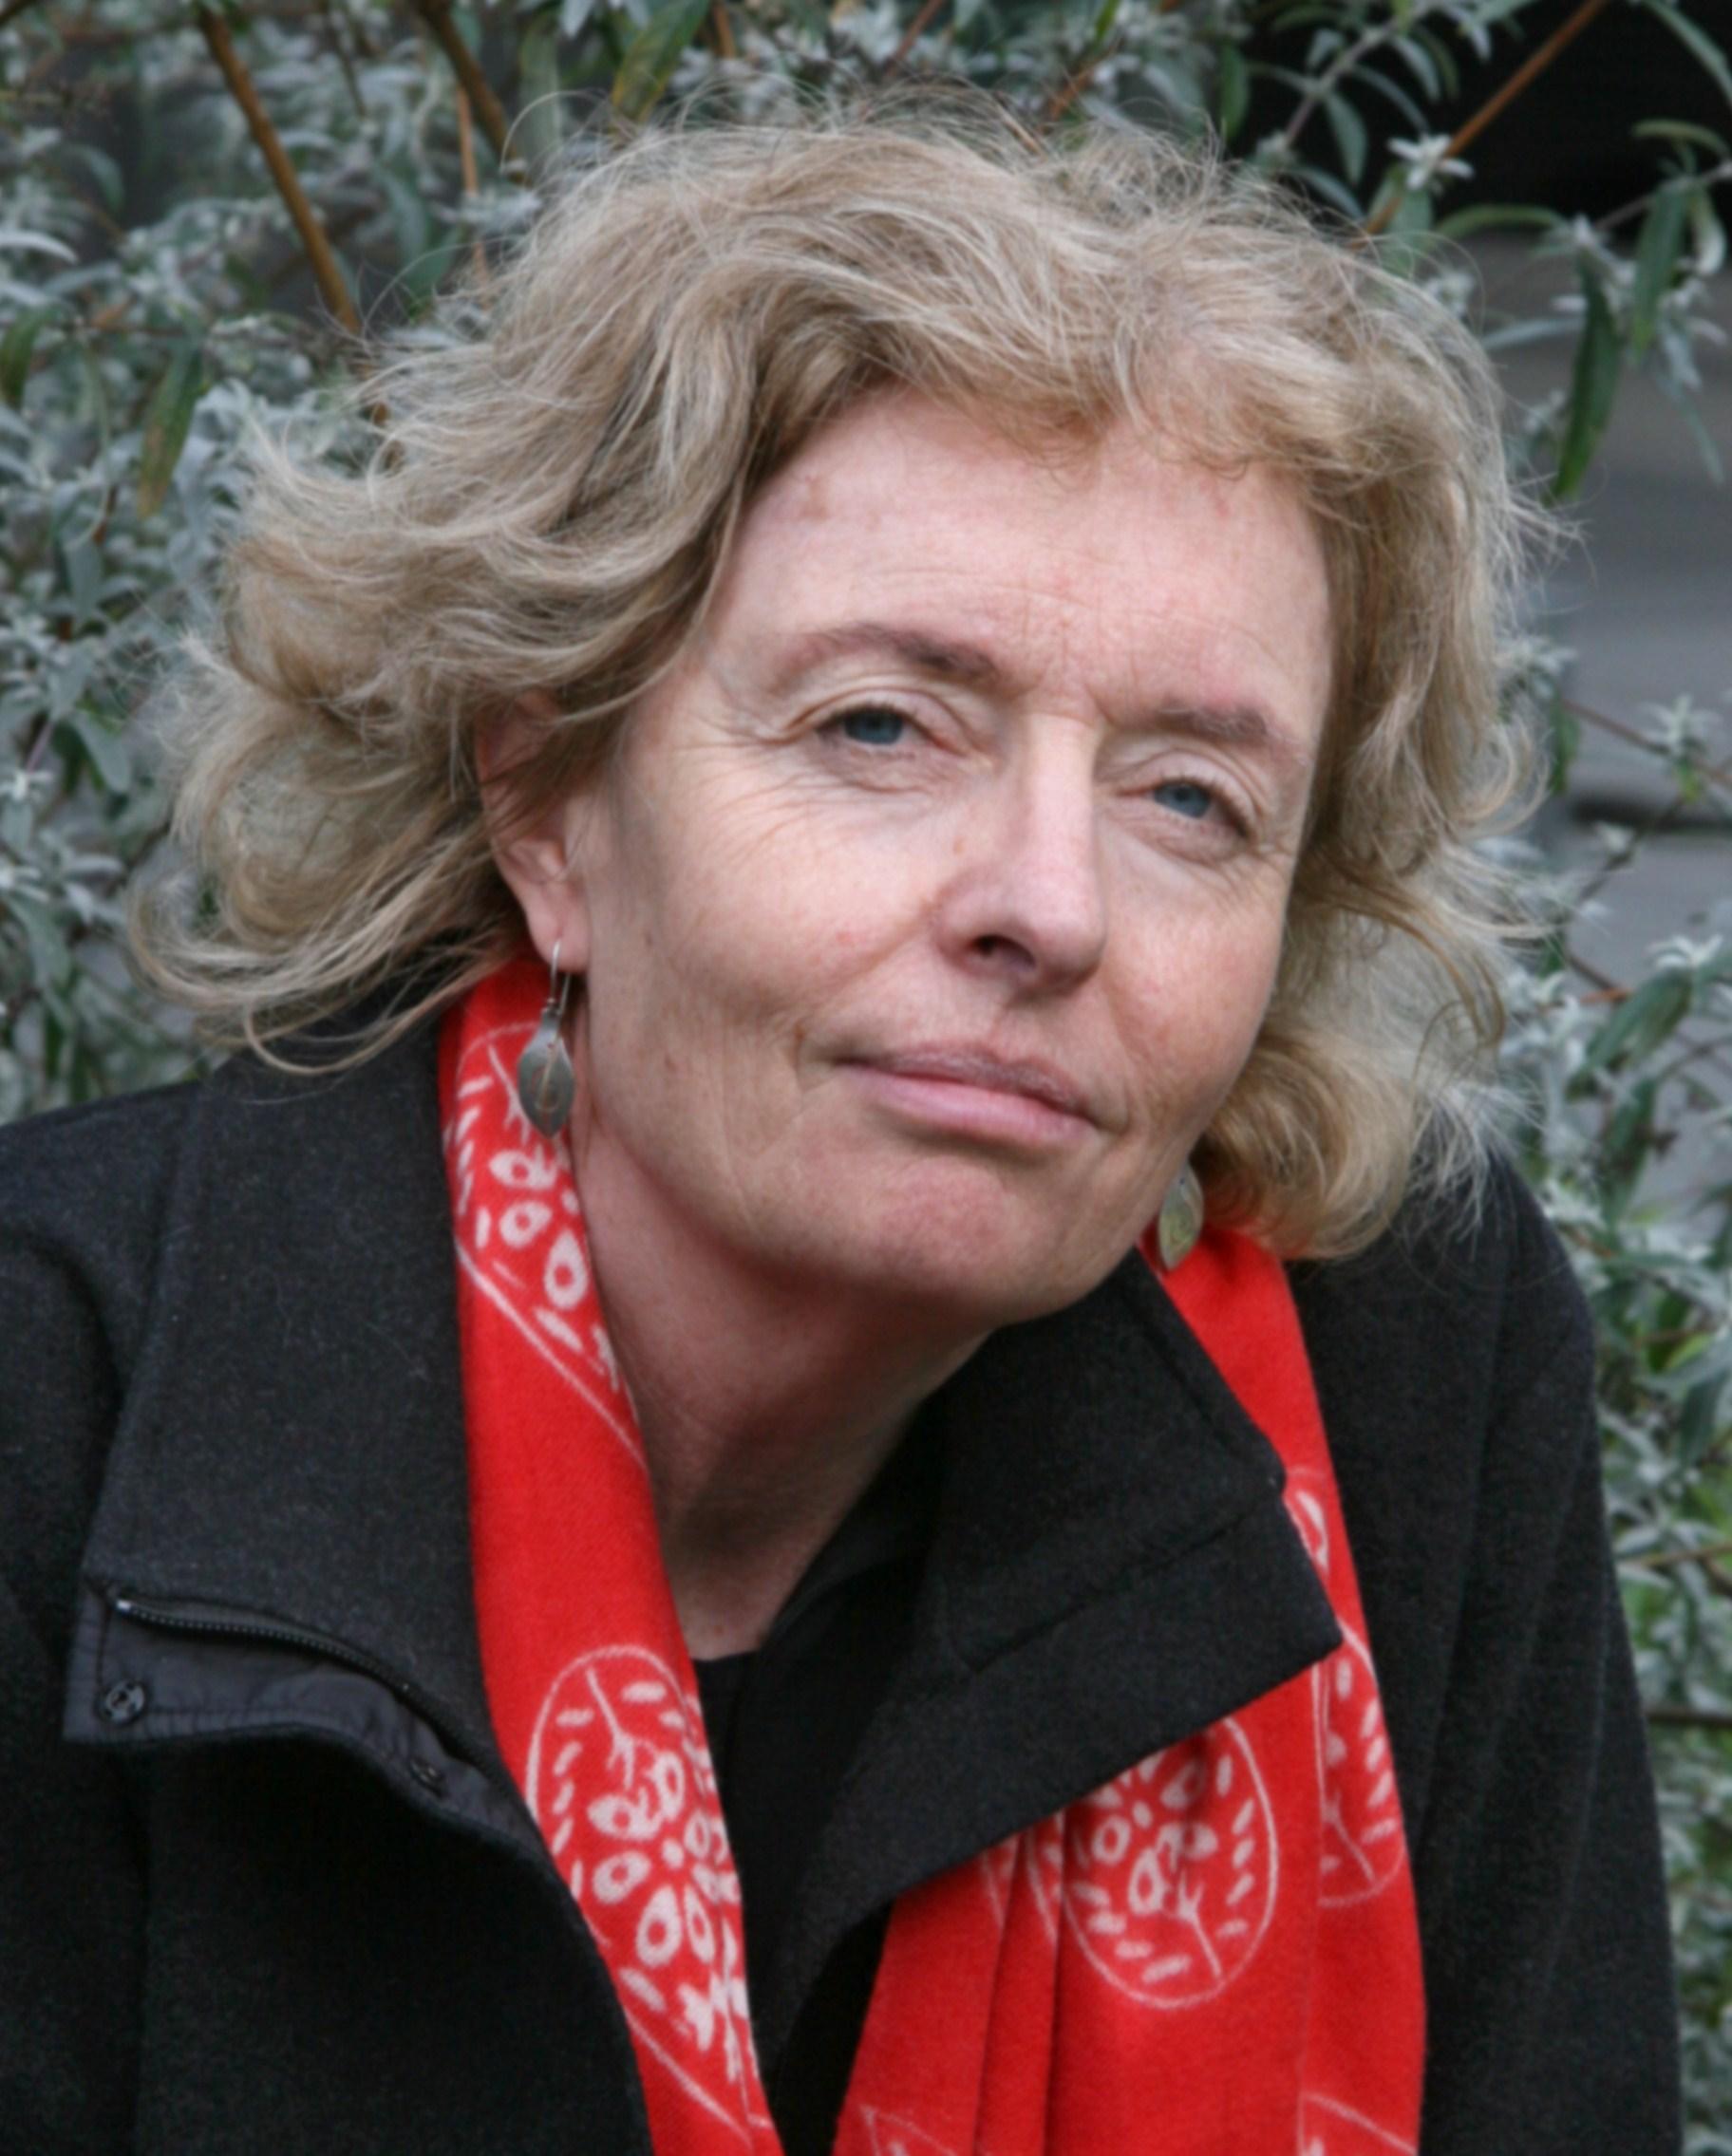 Michele leggott 2009 03